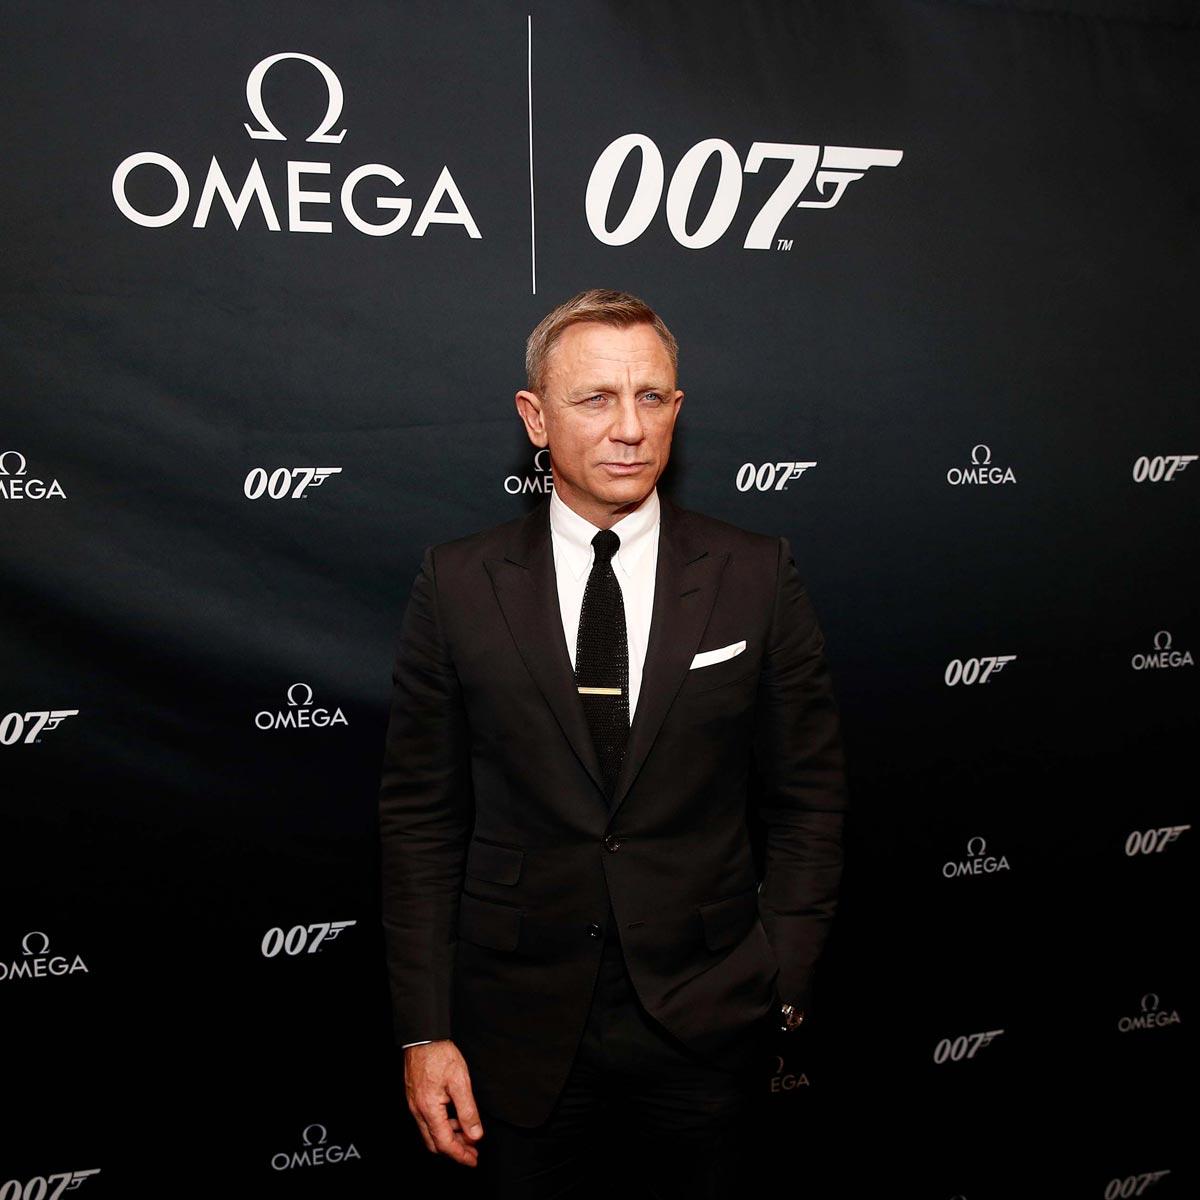 La Cote des Montres : Photo - Omega et JamesBond : lancement dela nouvelle montre Bond